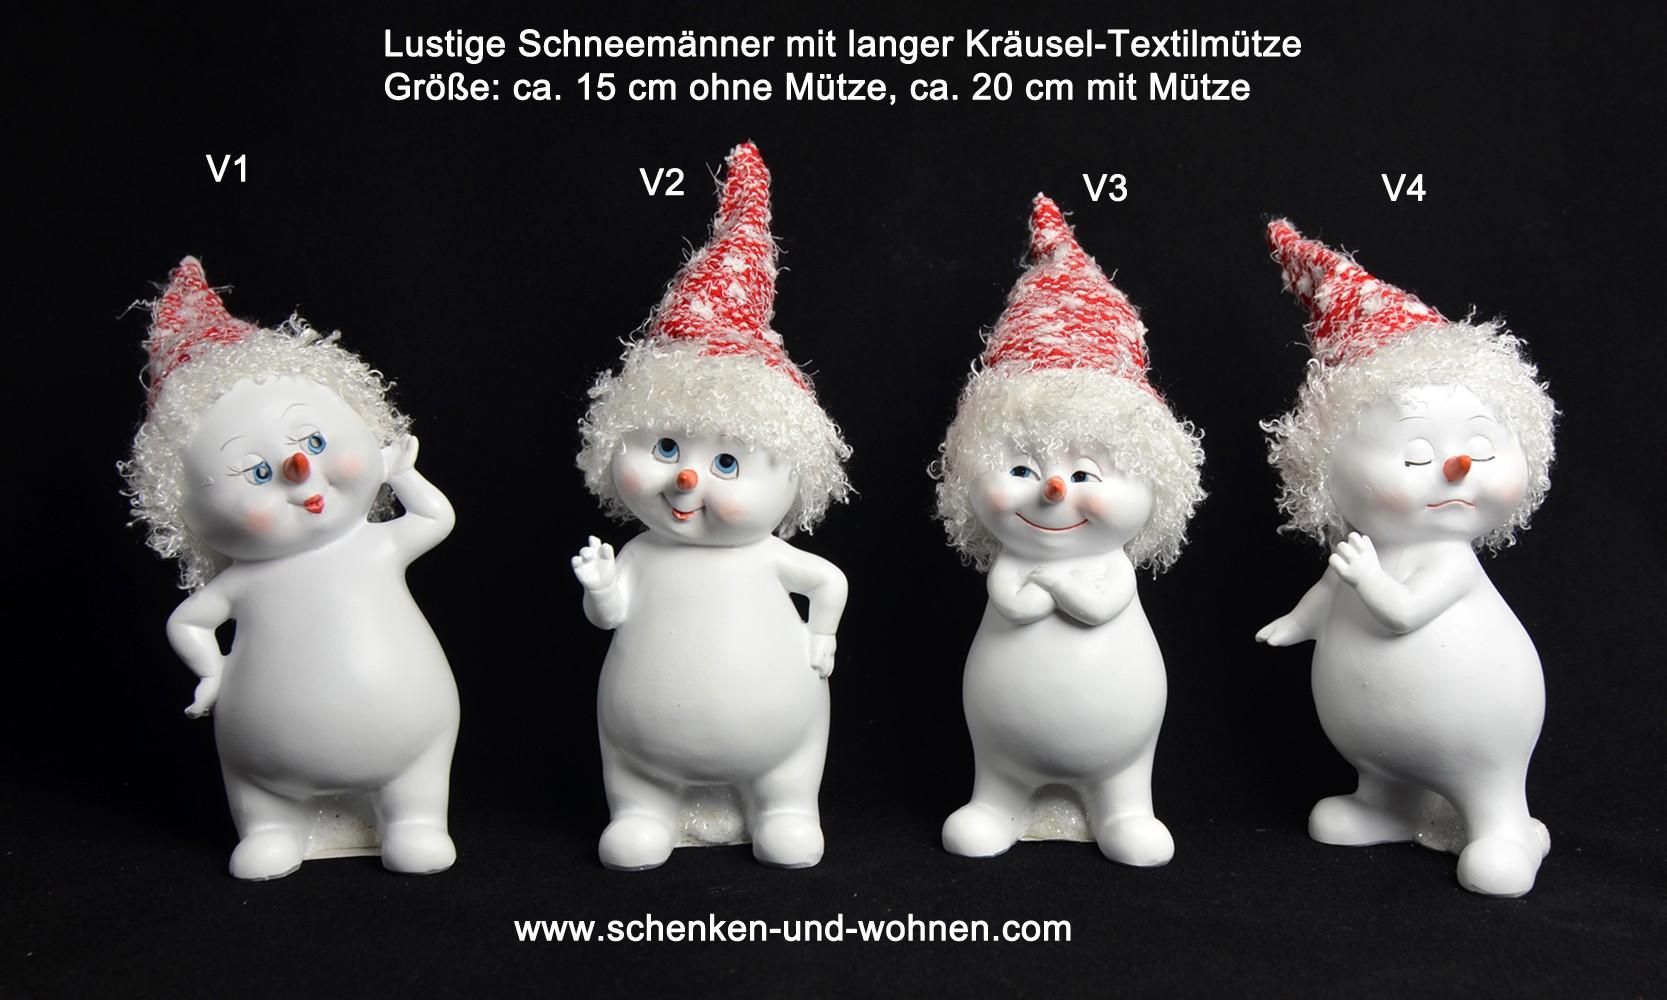 Schneemann mit langer gekräuselter Textilmütze ca. 15-20 cm V1